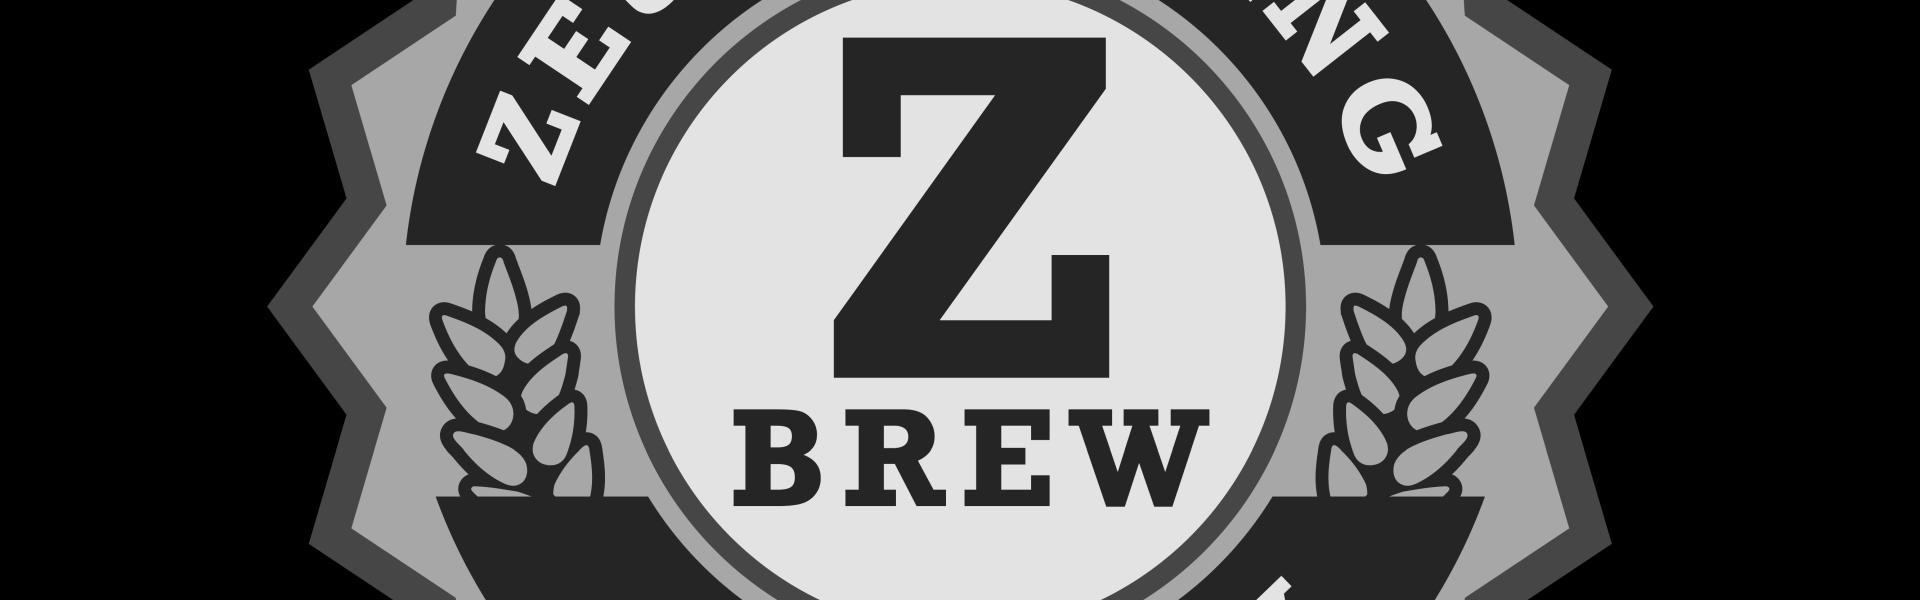 Zeus Brewing Company